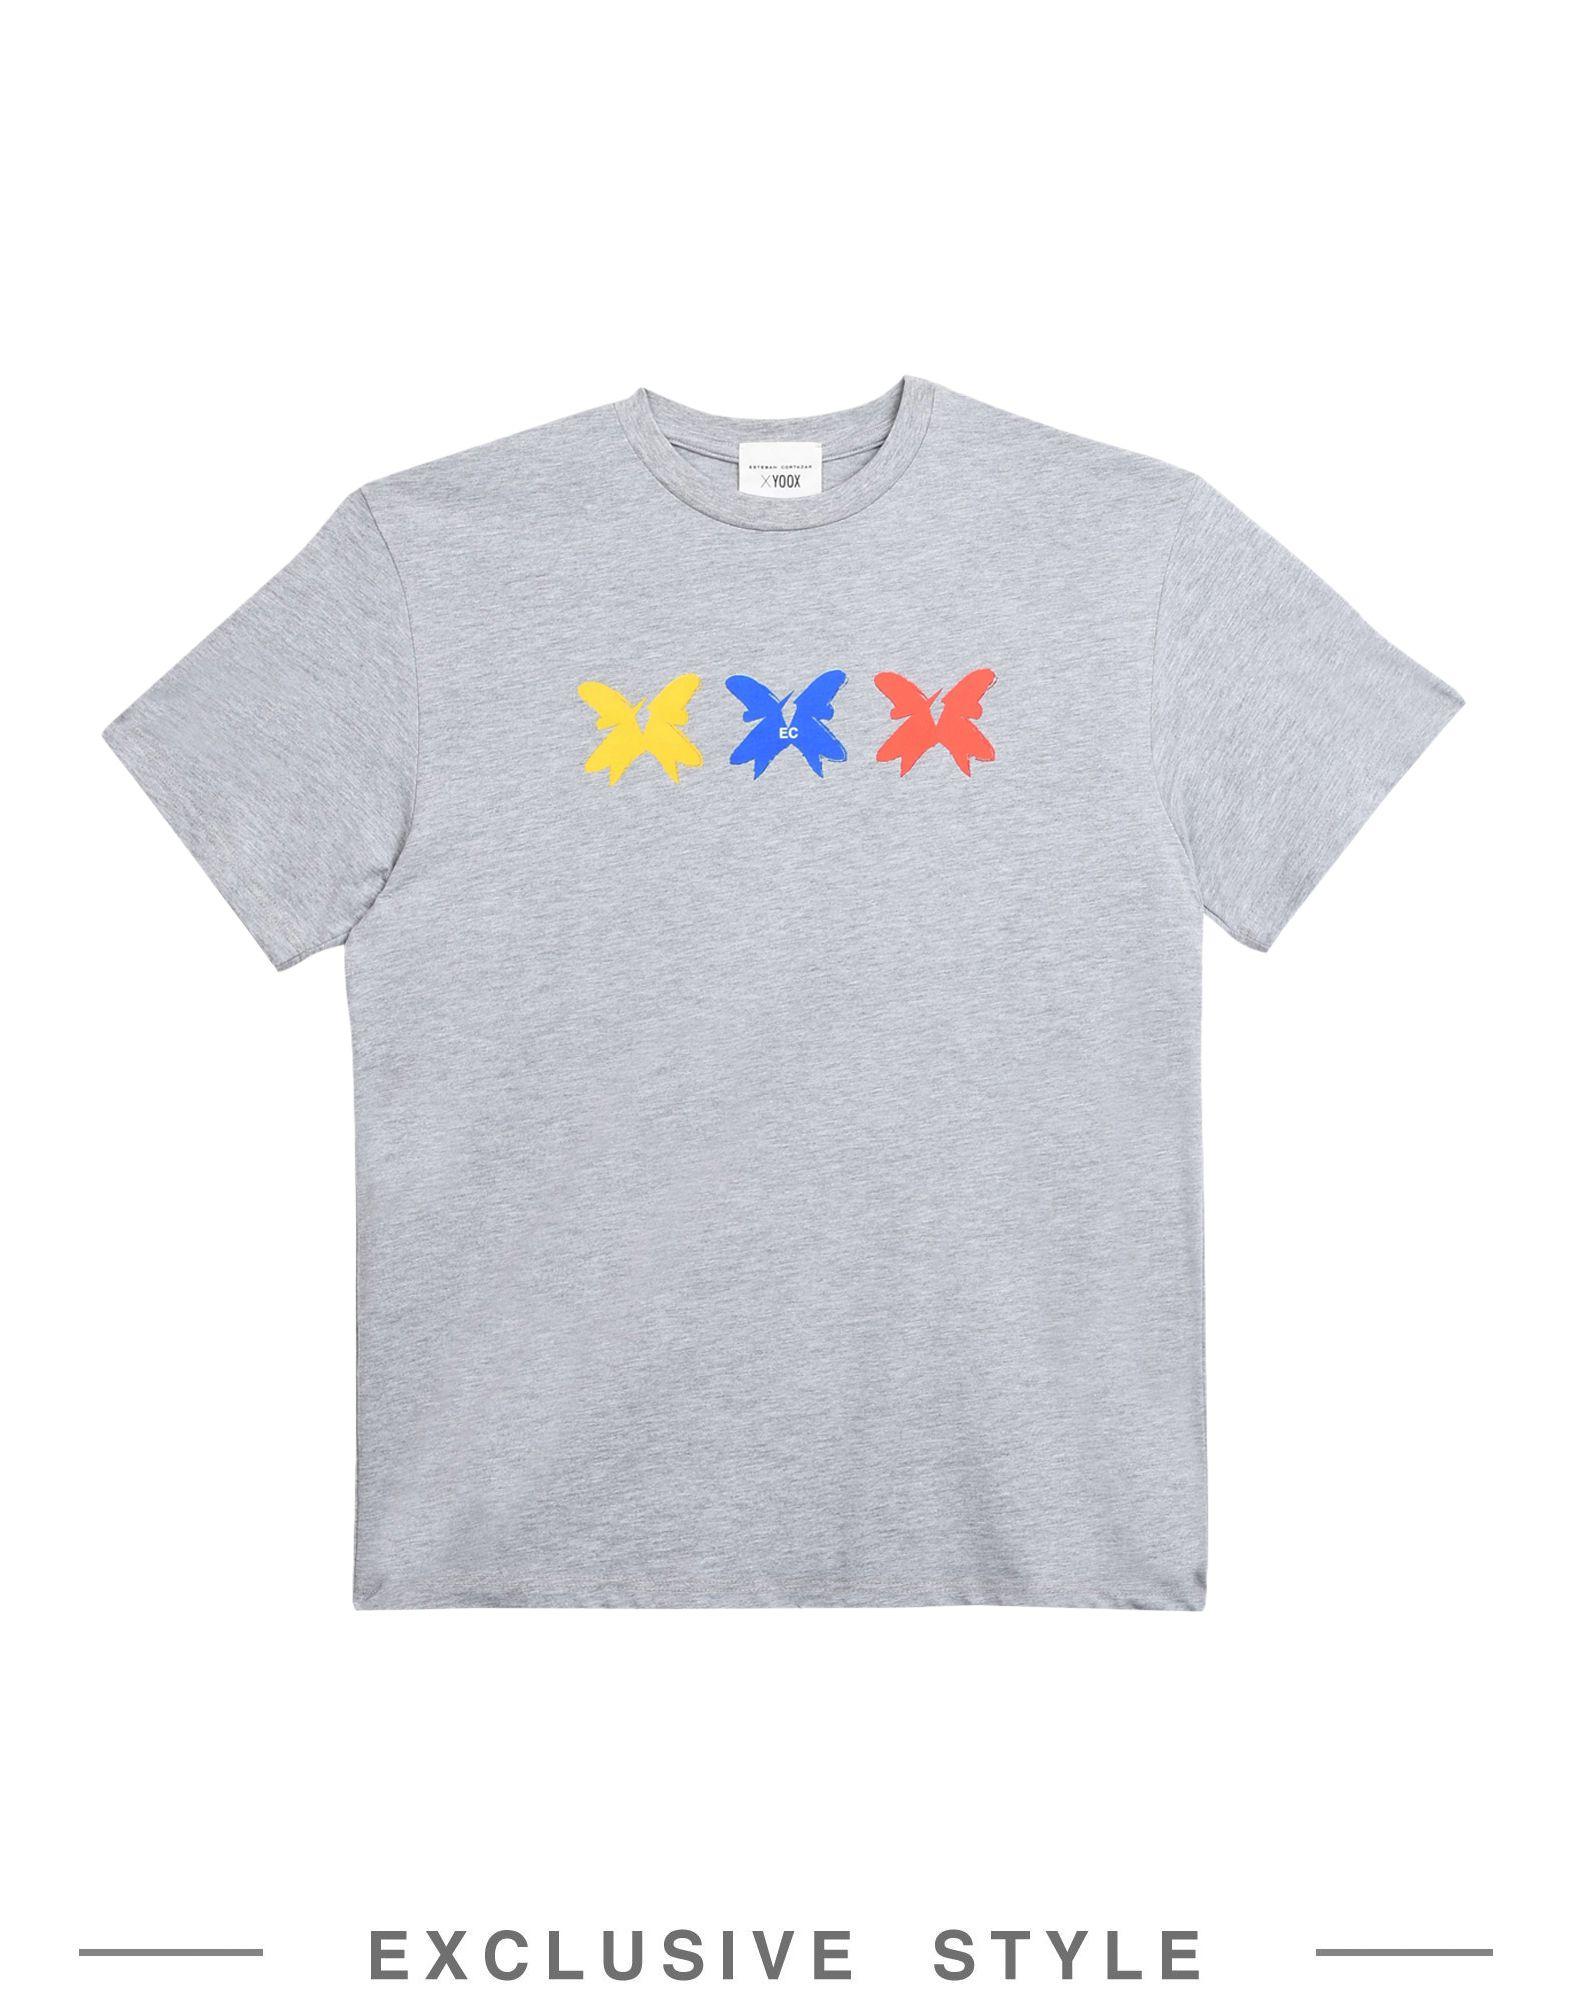 《セール開催中》ESTEBAN CORTAZAR x YOOX Unisex T シャツ ライトグレー XS コットン 100%